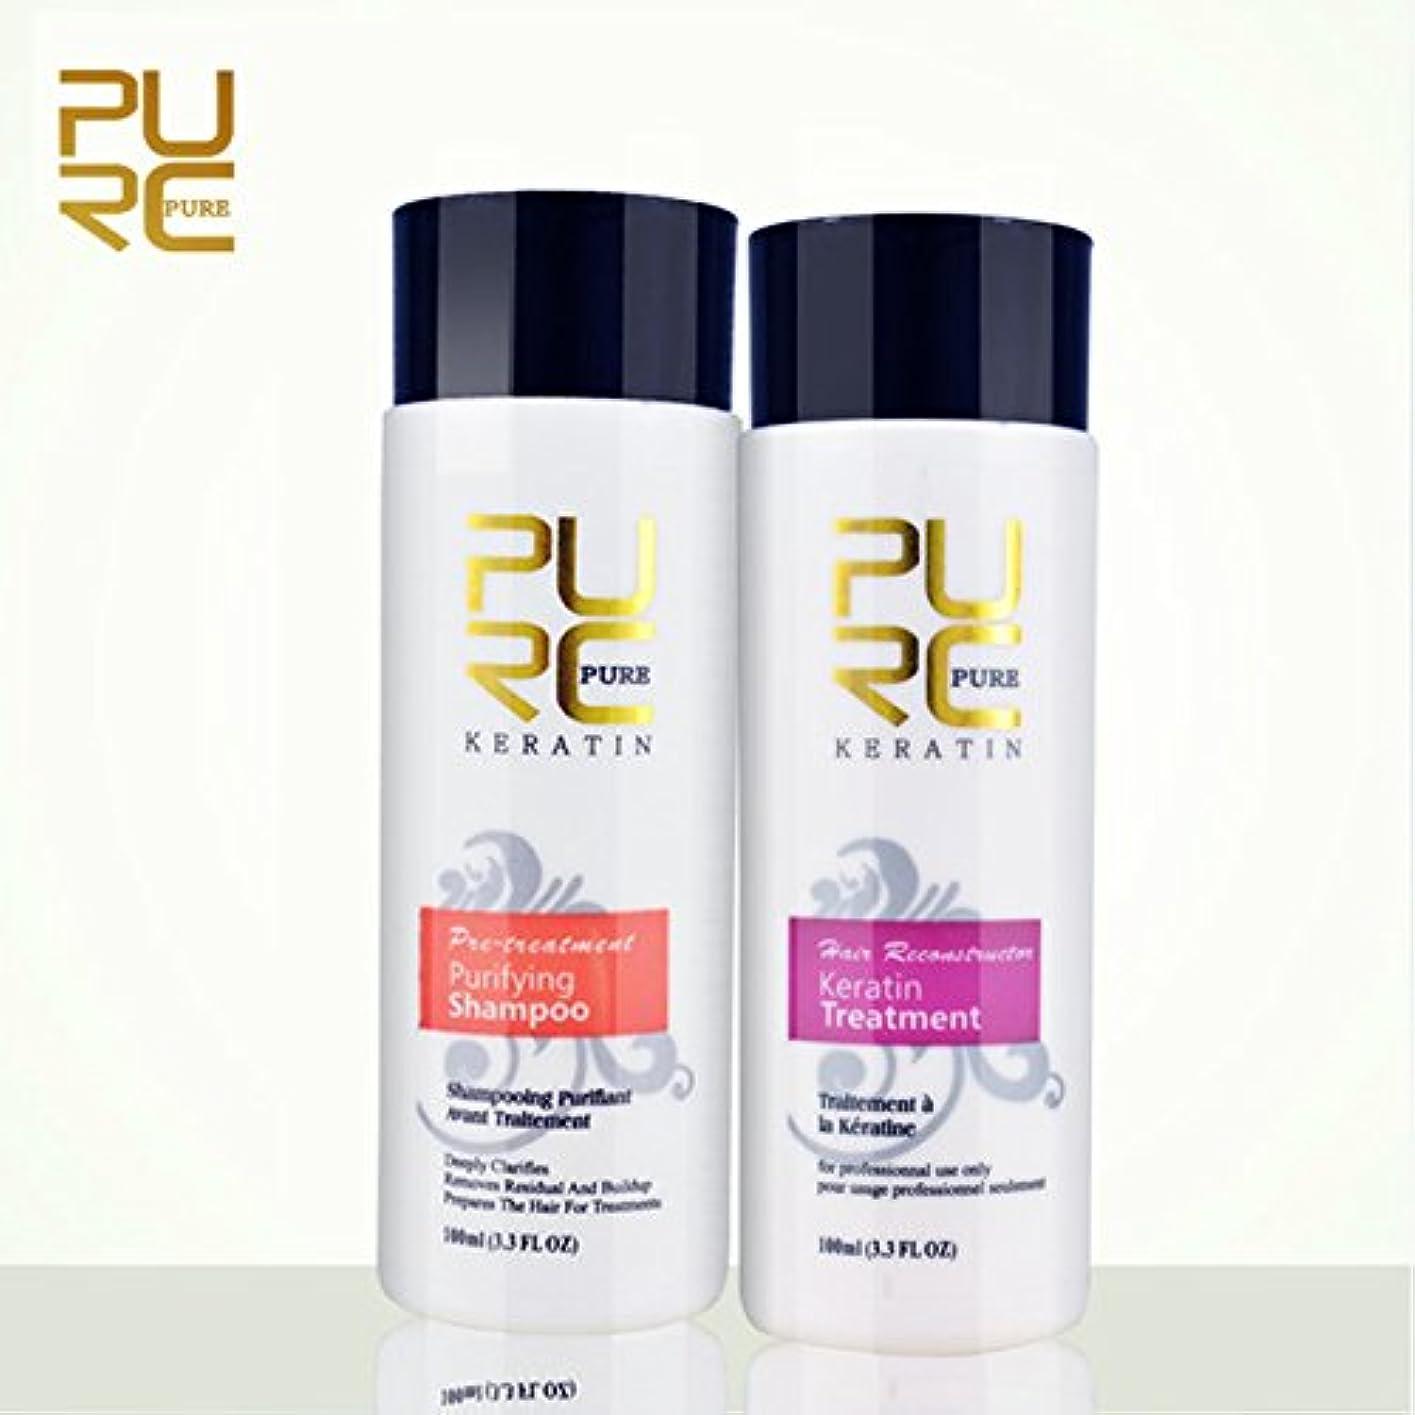 装置乞食高層ビルSET of 2 - PURE Straightening hair Repair and straighten damage hair products Brazilian keratin treatment + purifying...